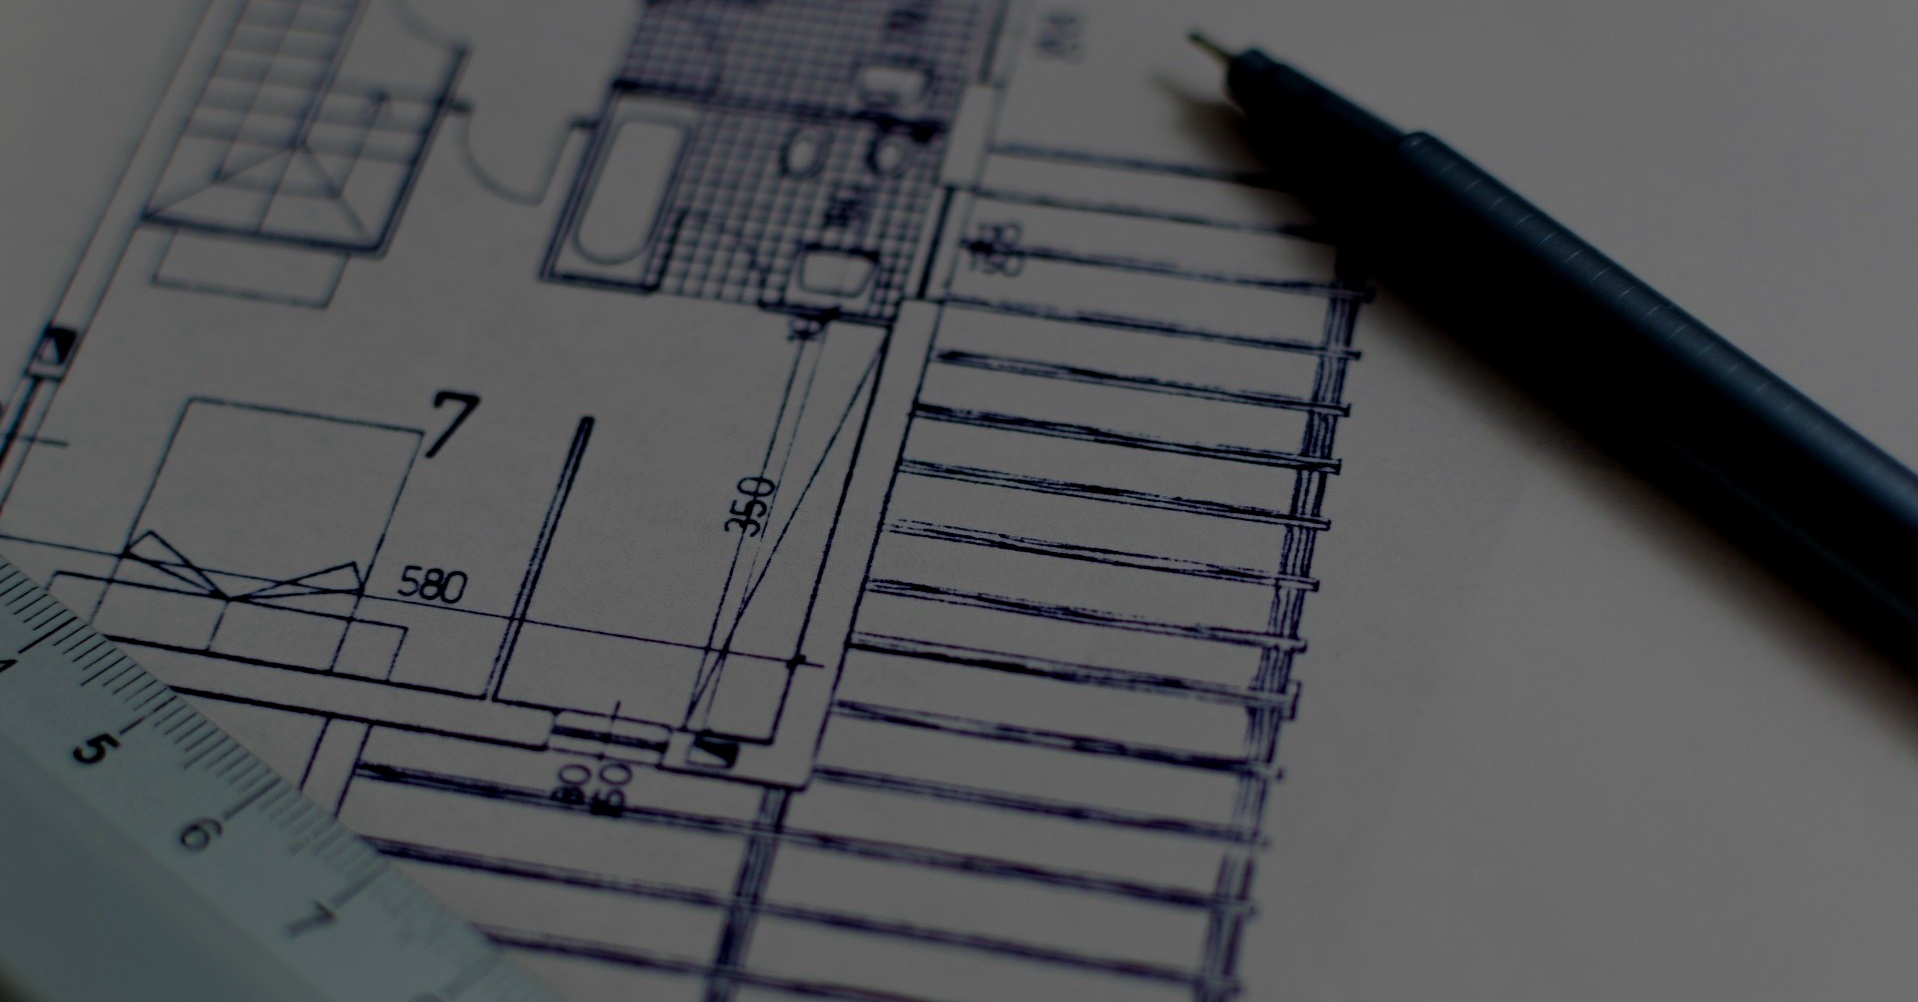 Wir realisieren Ihre  Technische Systemplanung